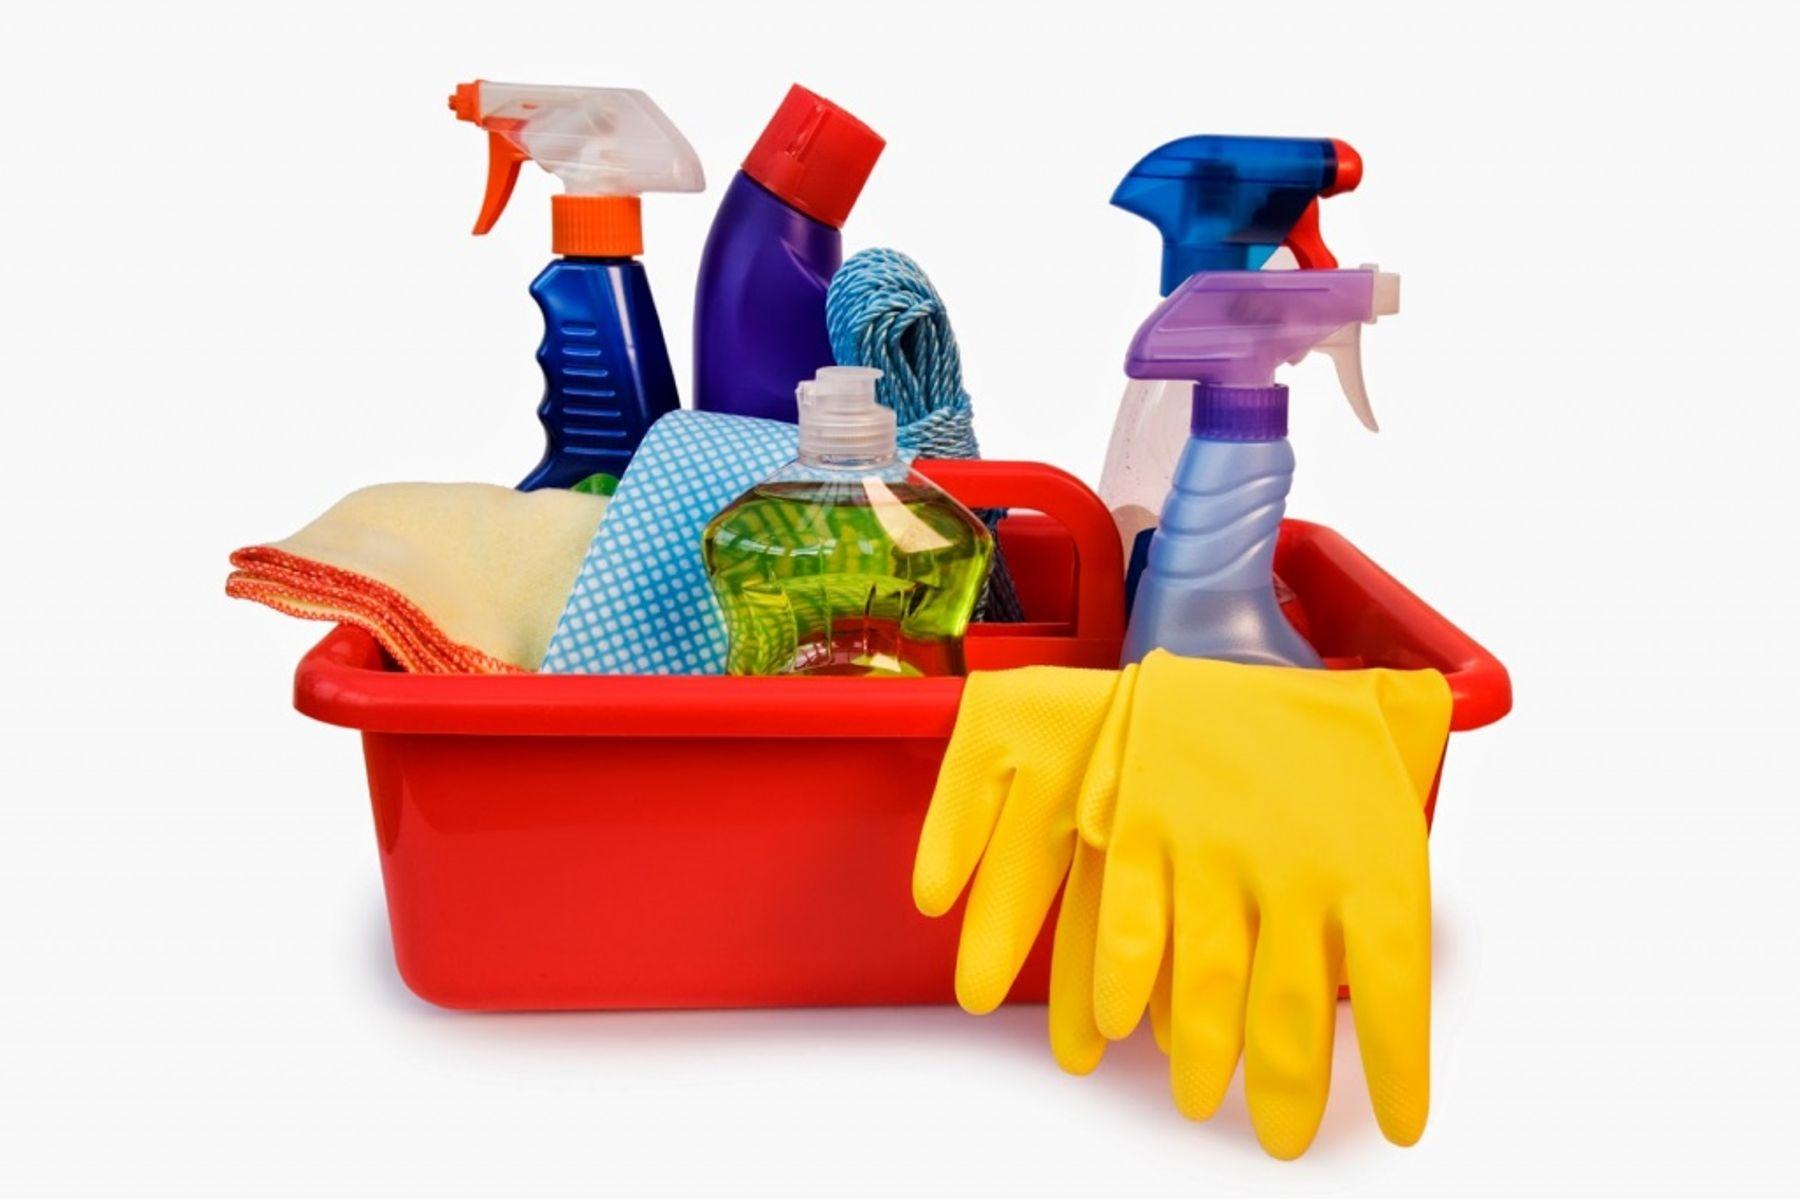 Không dùng chất tẩy rửa mạnh để vệ sinh nệm